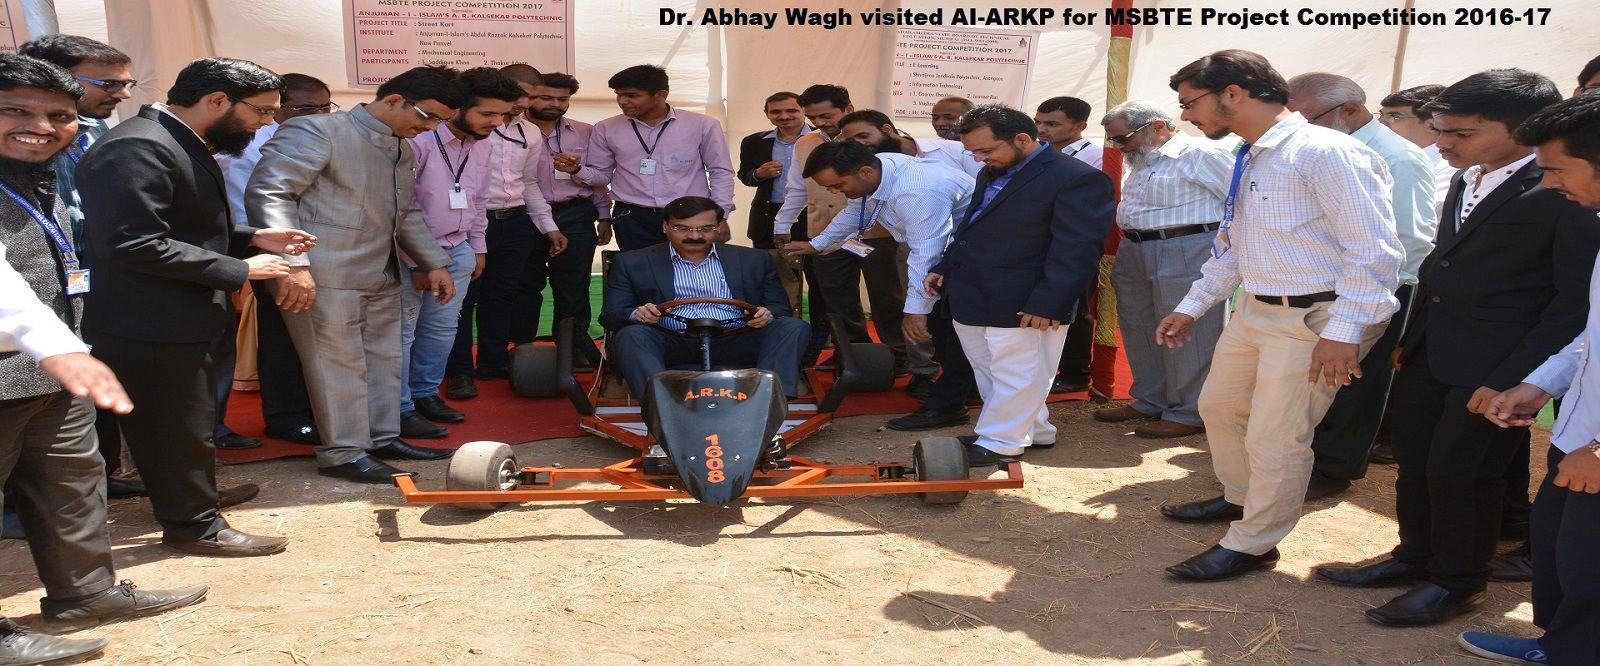 Arkp-abhay-wahg-visit